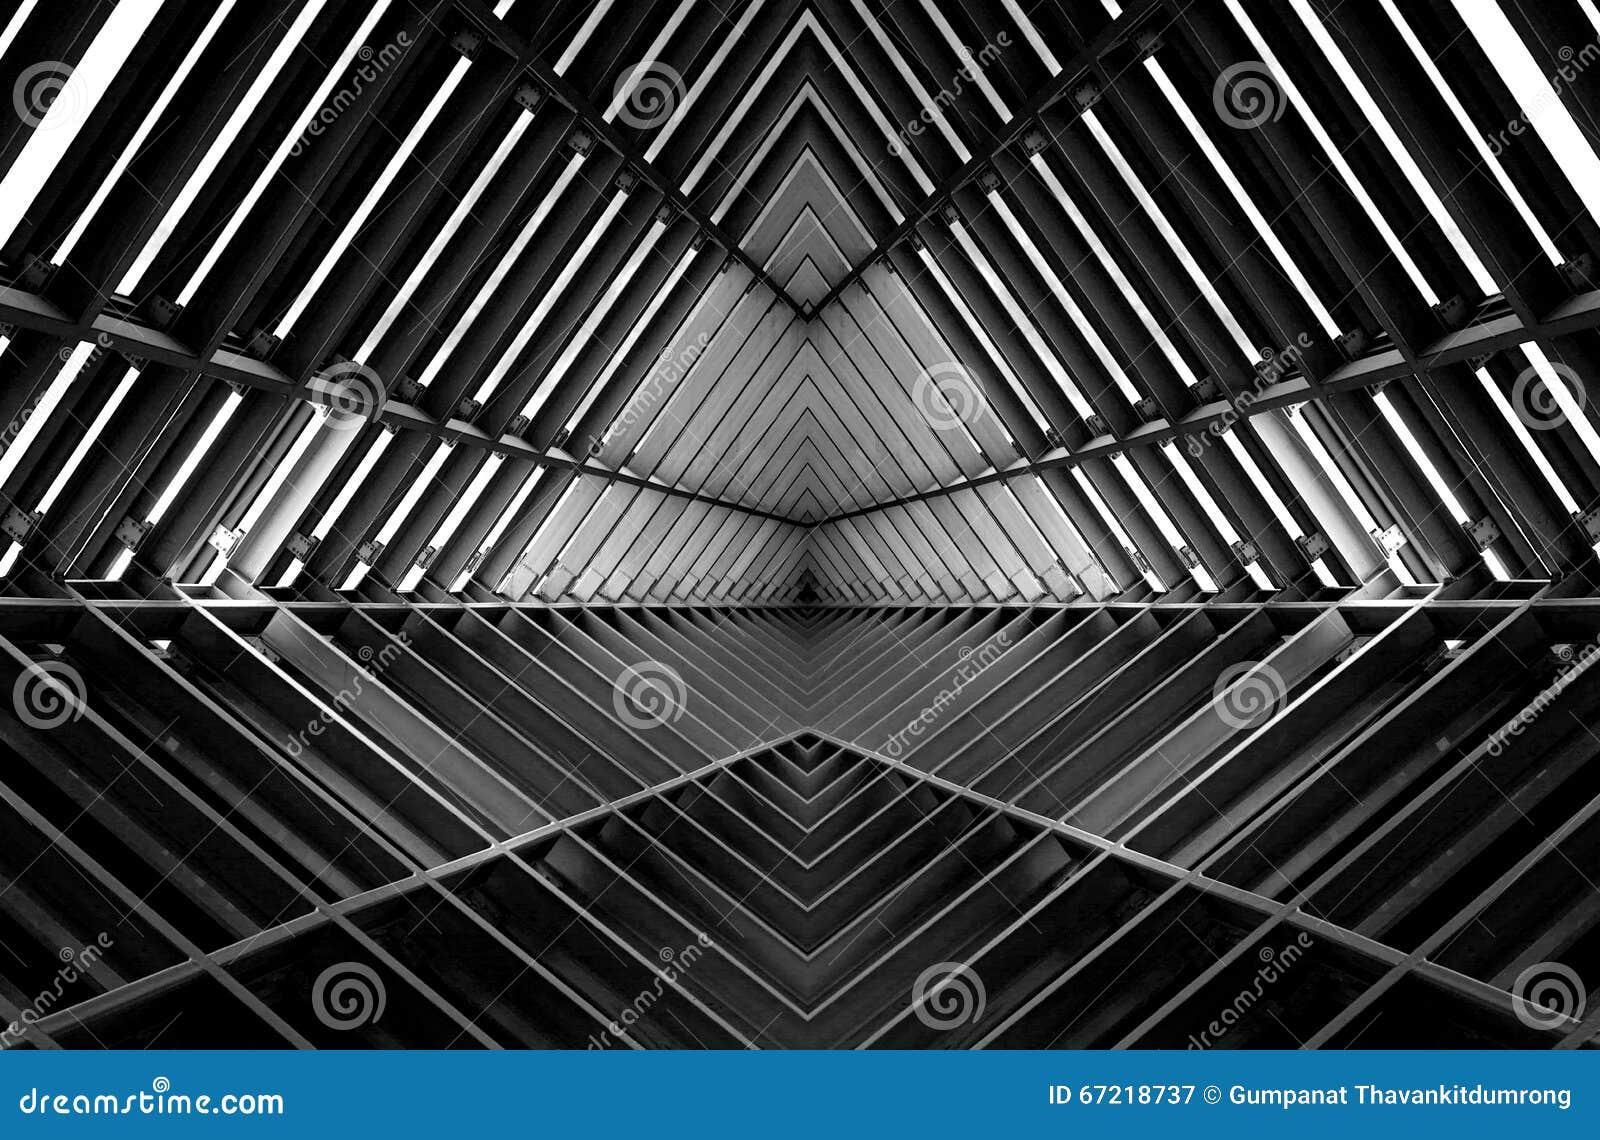 Metallbau ähnlich Raumschiffinnenraum In Schwarzweiss Stockbild ...